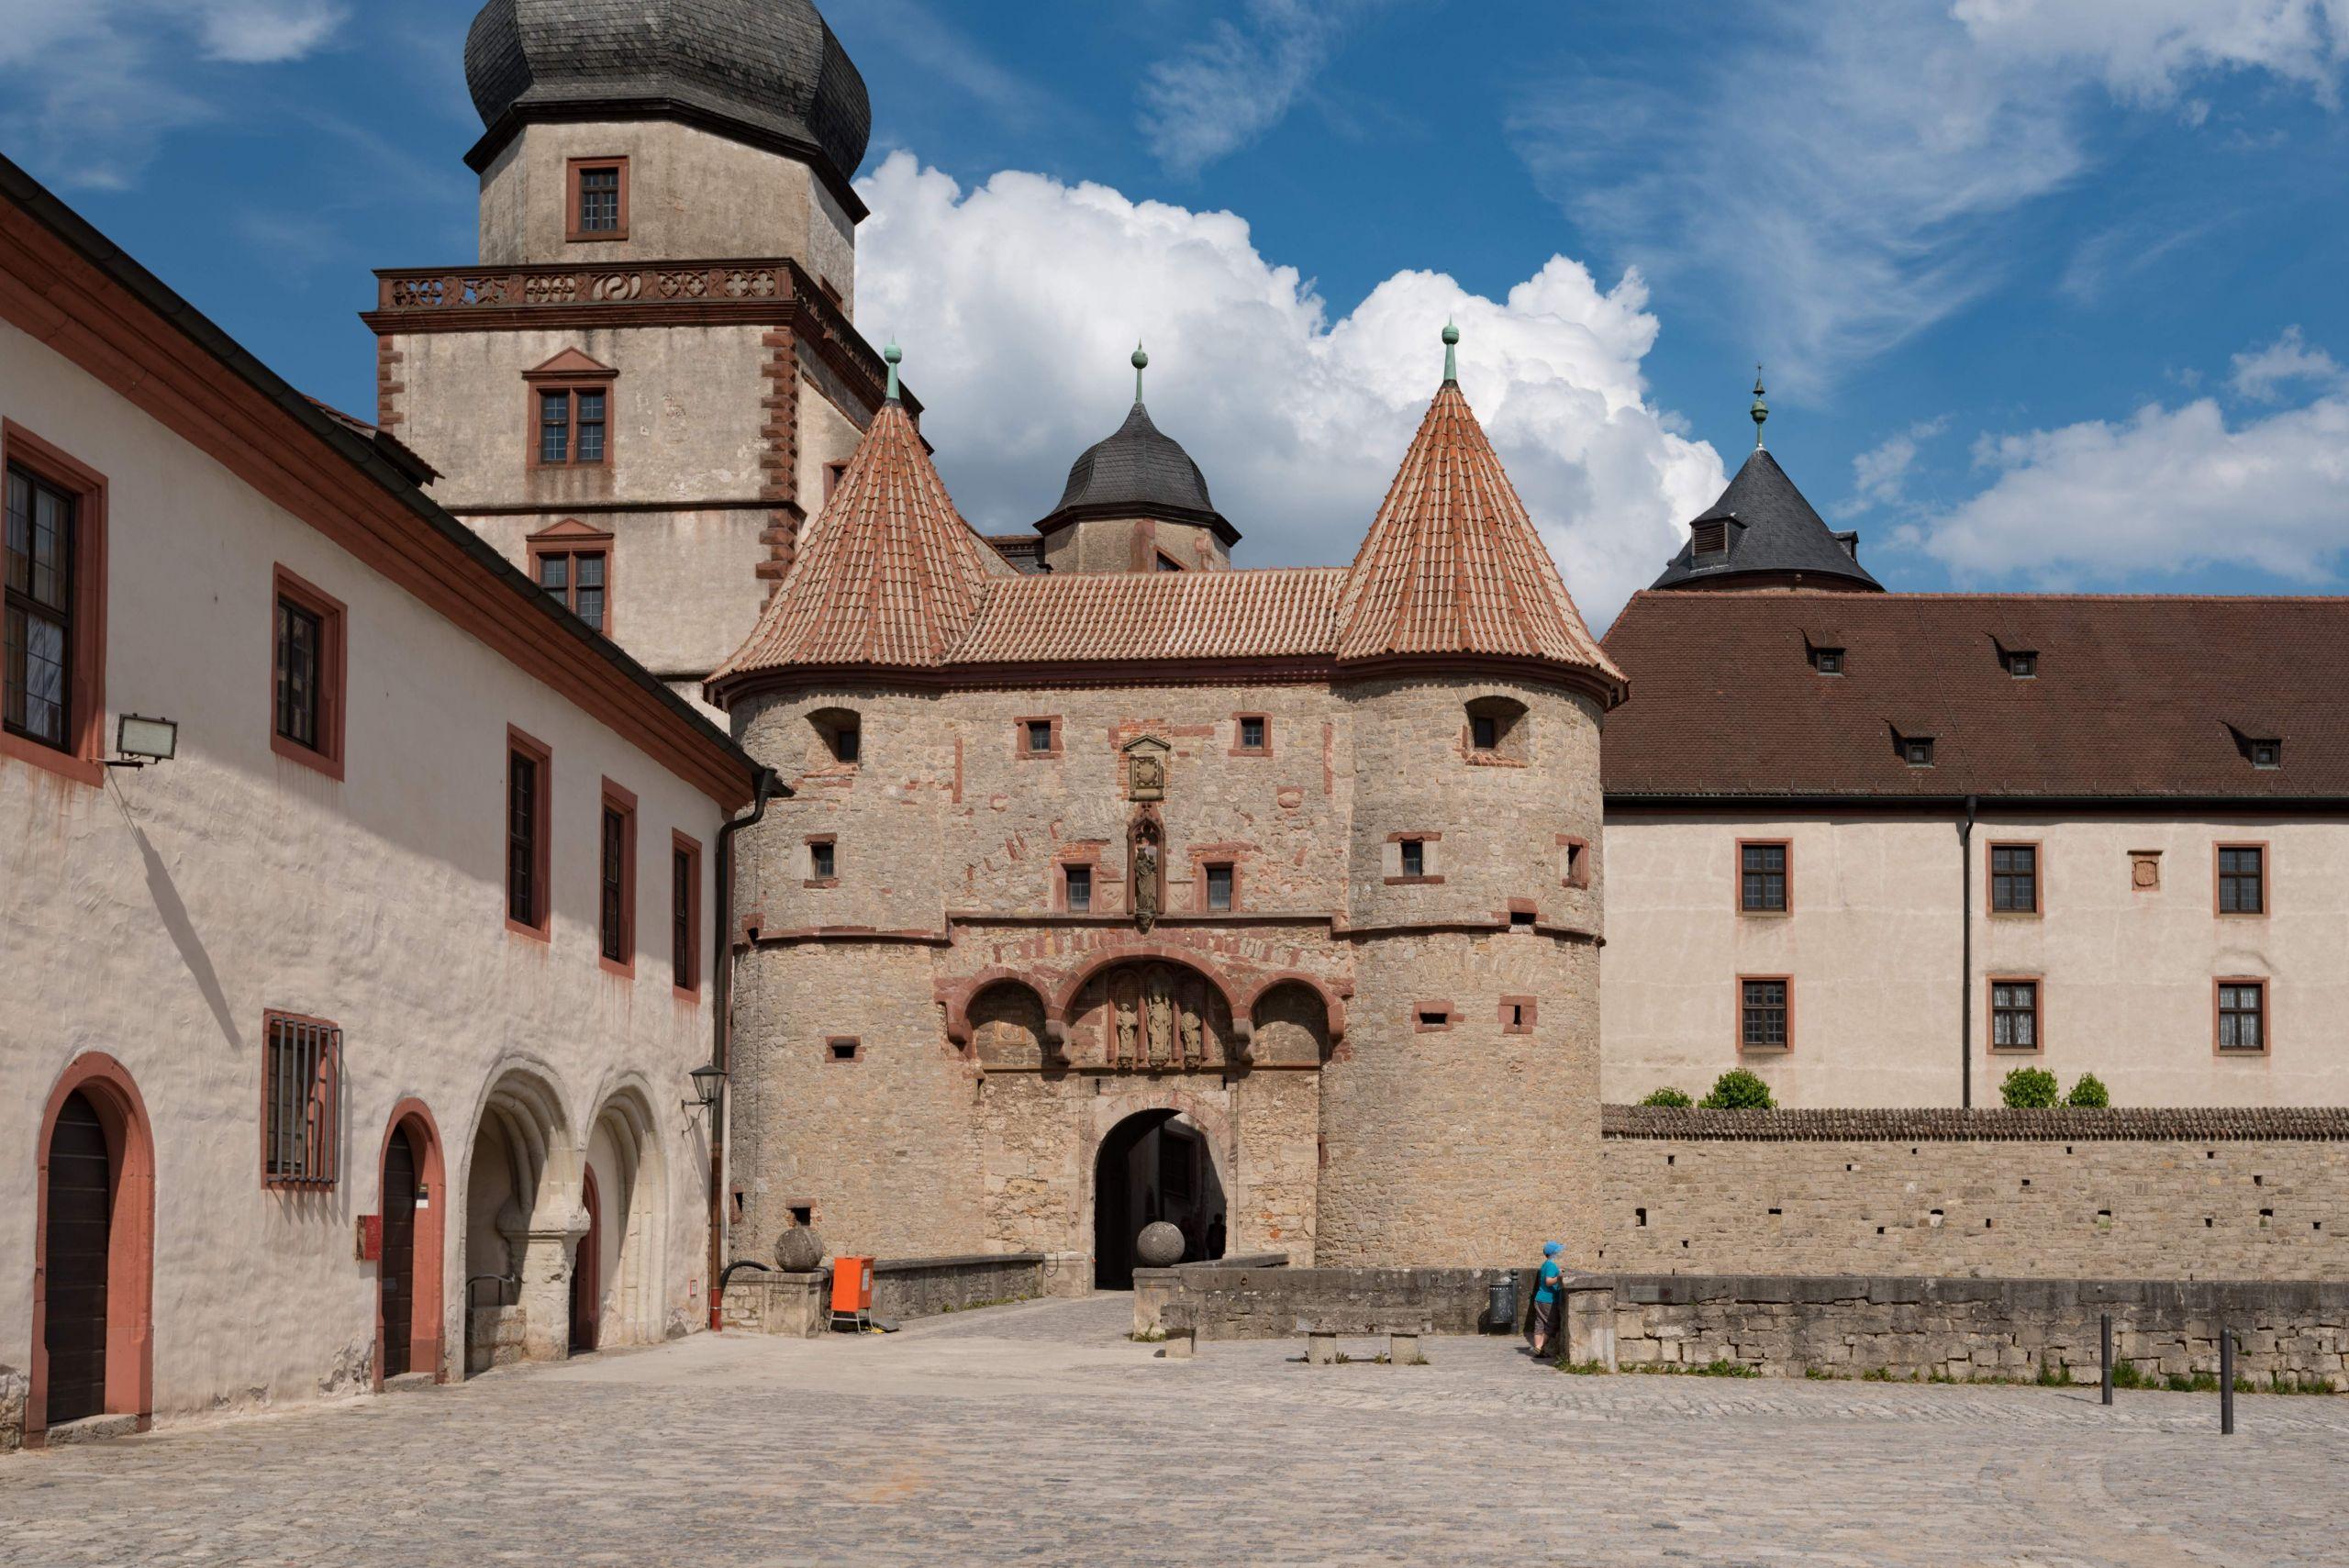 Festung Marienberg Scherenbergtor Würzburg 001